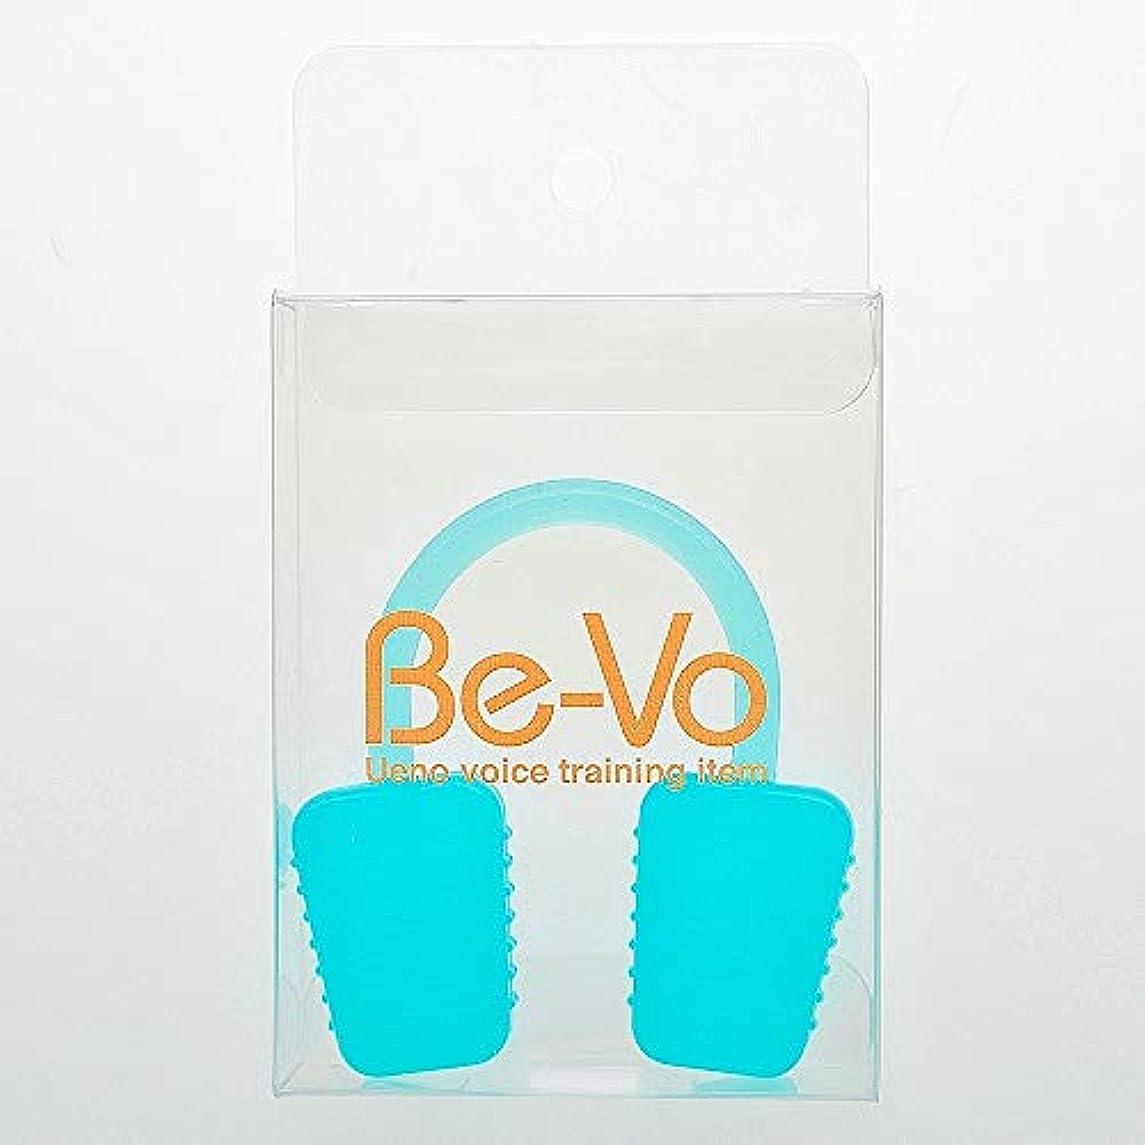 貞同一の彼女のBe-Vo (ビーボ) ボイストレーニング器具 自宅で簡単ボイトレグッズ (ブルー)